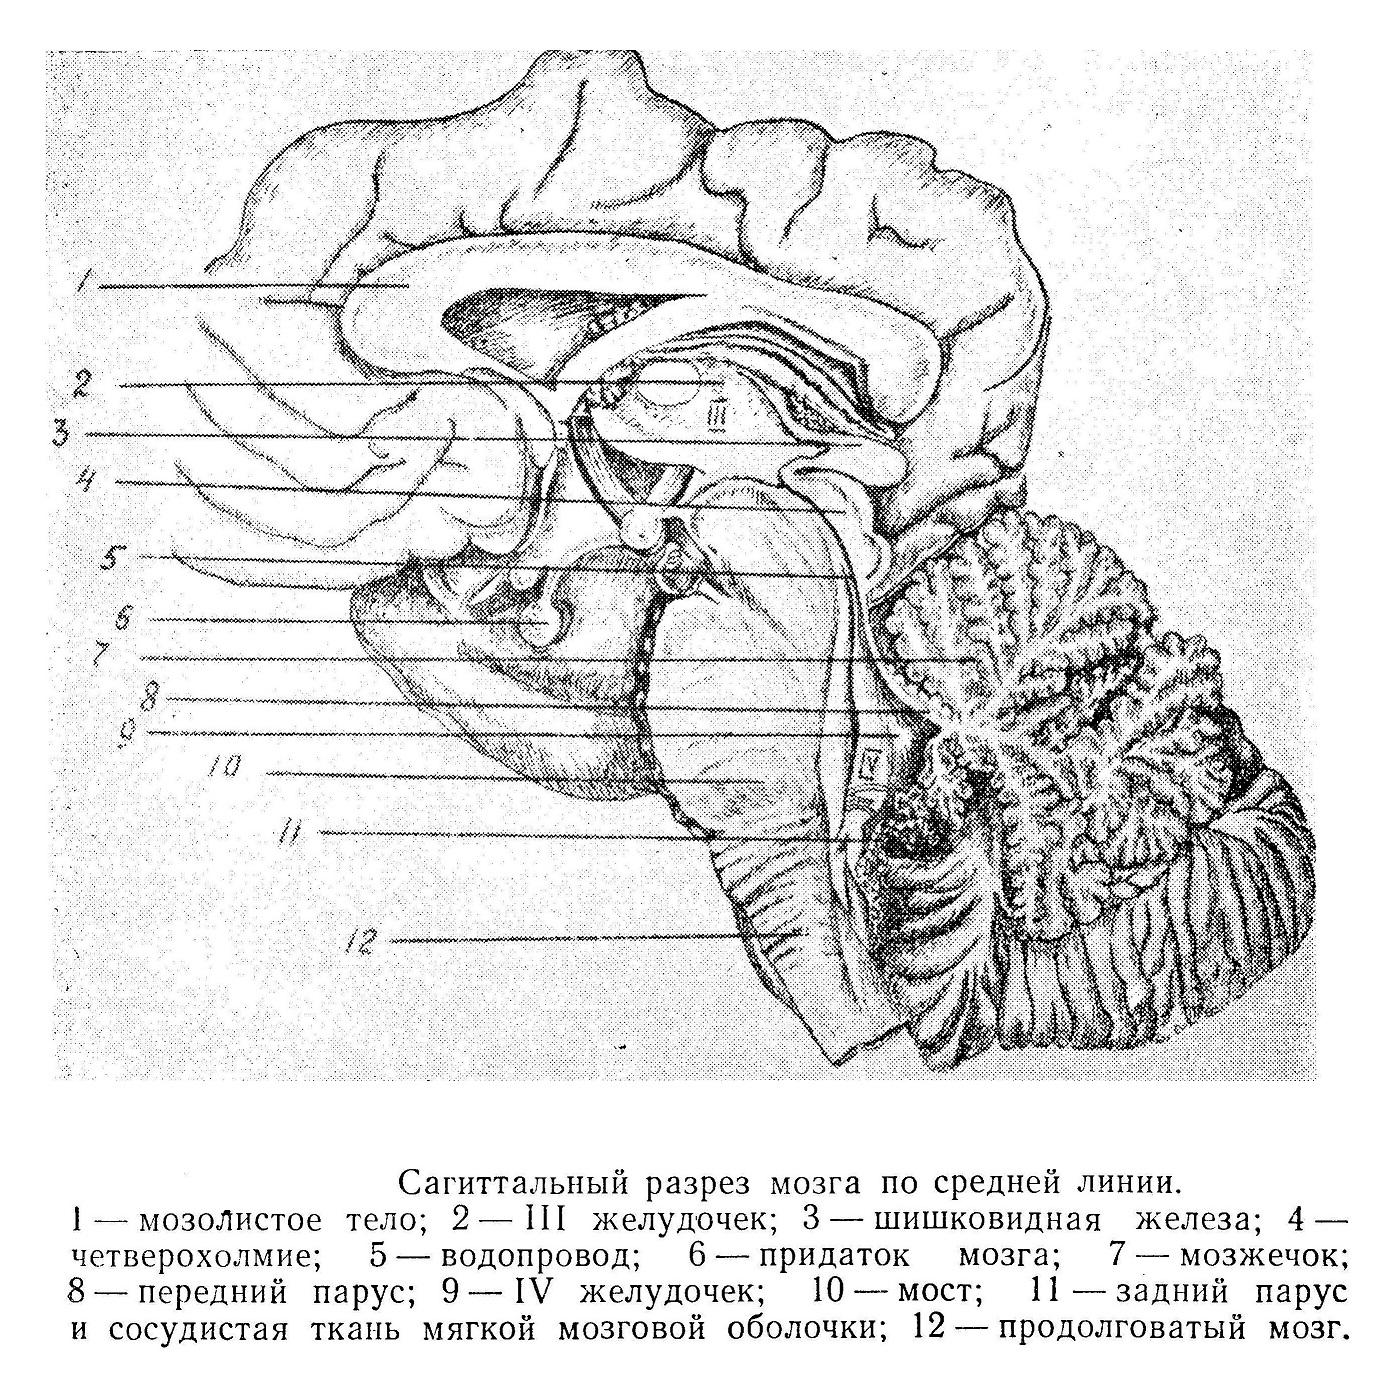 Сагиттальный разрез мозга по средней линии